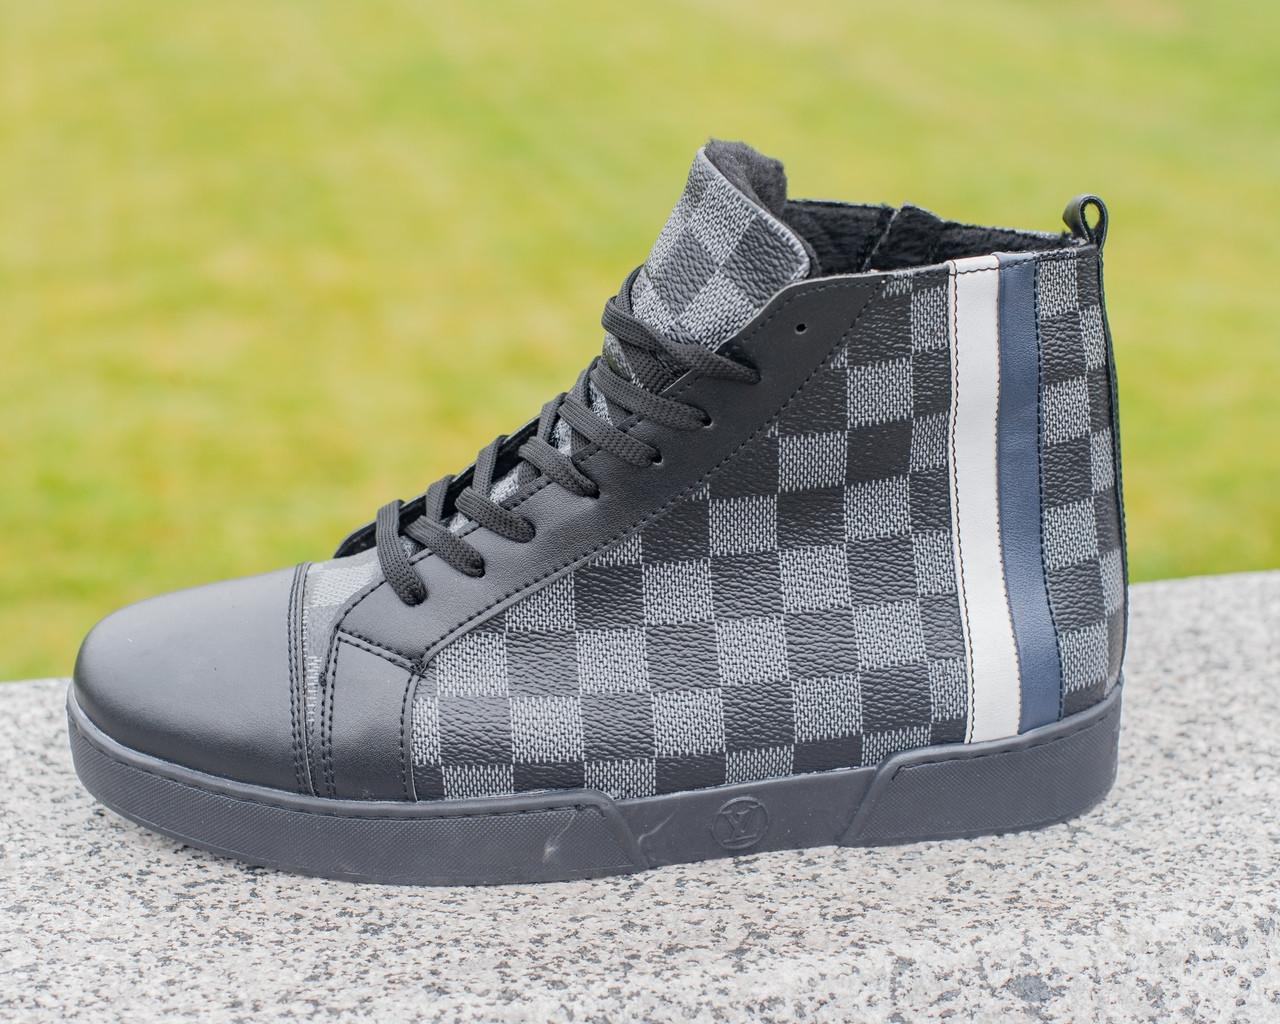 Мужские зимние кроссовки Louis Vuitton, ботинки луи виттон, зимові кросівки Louis Vuitton, черевики луі віттон